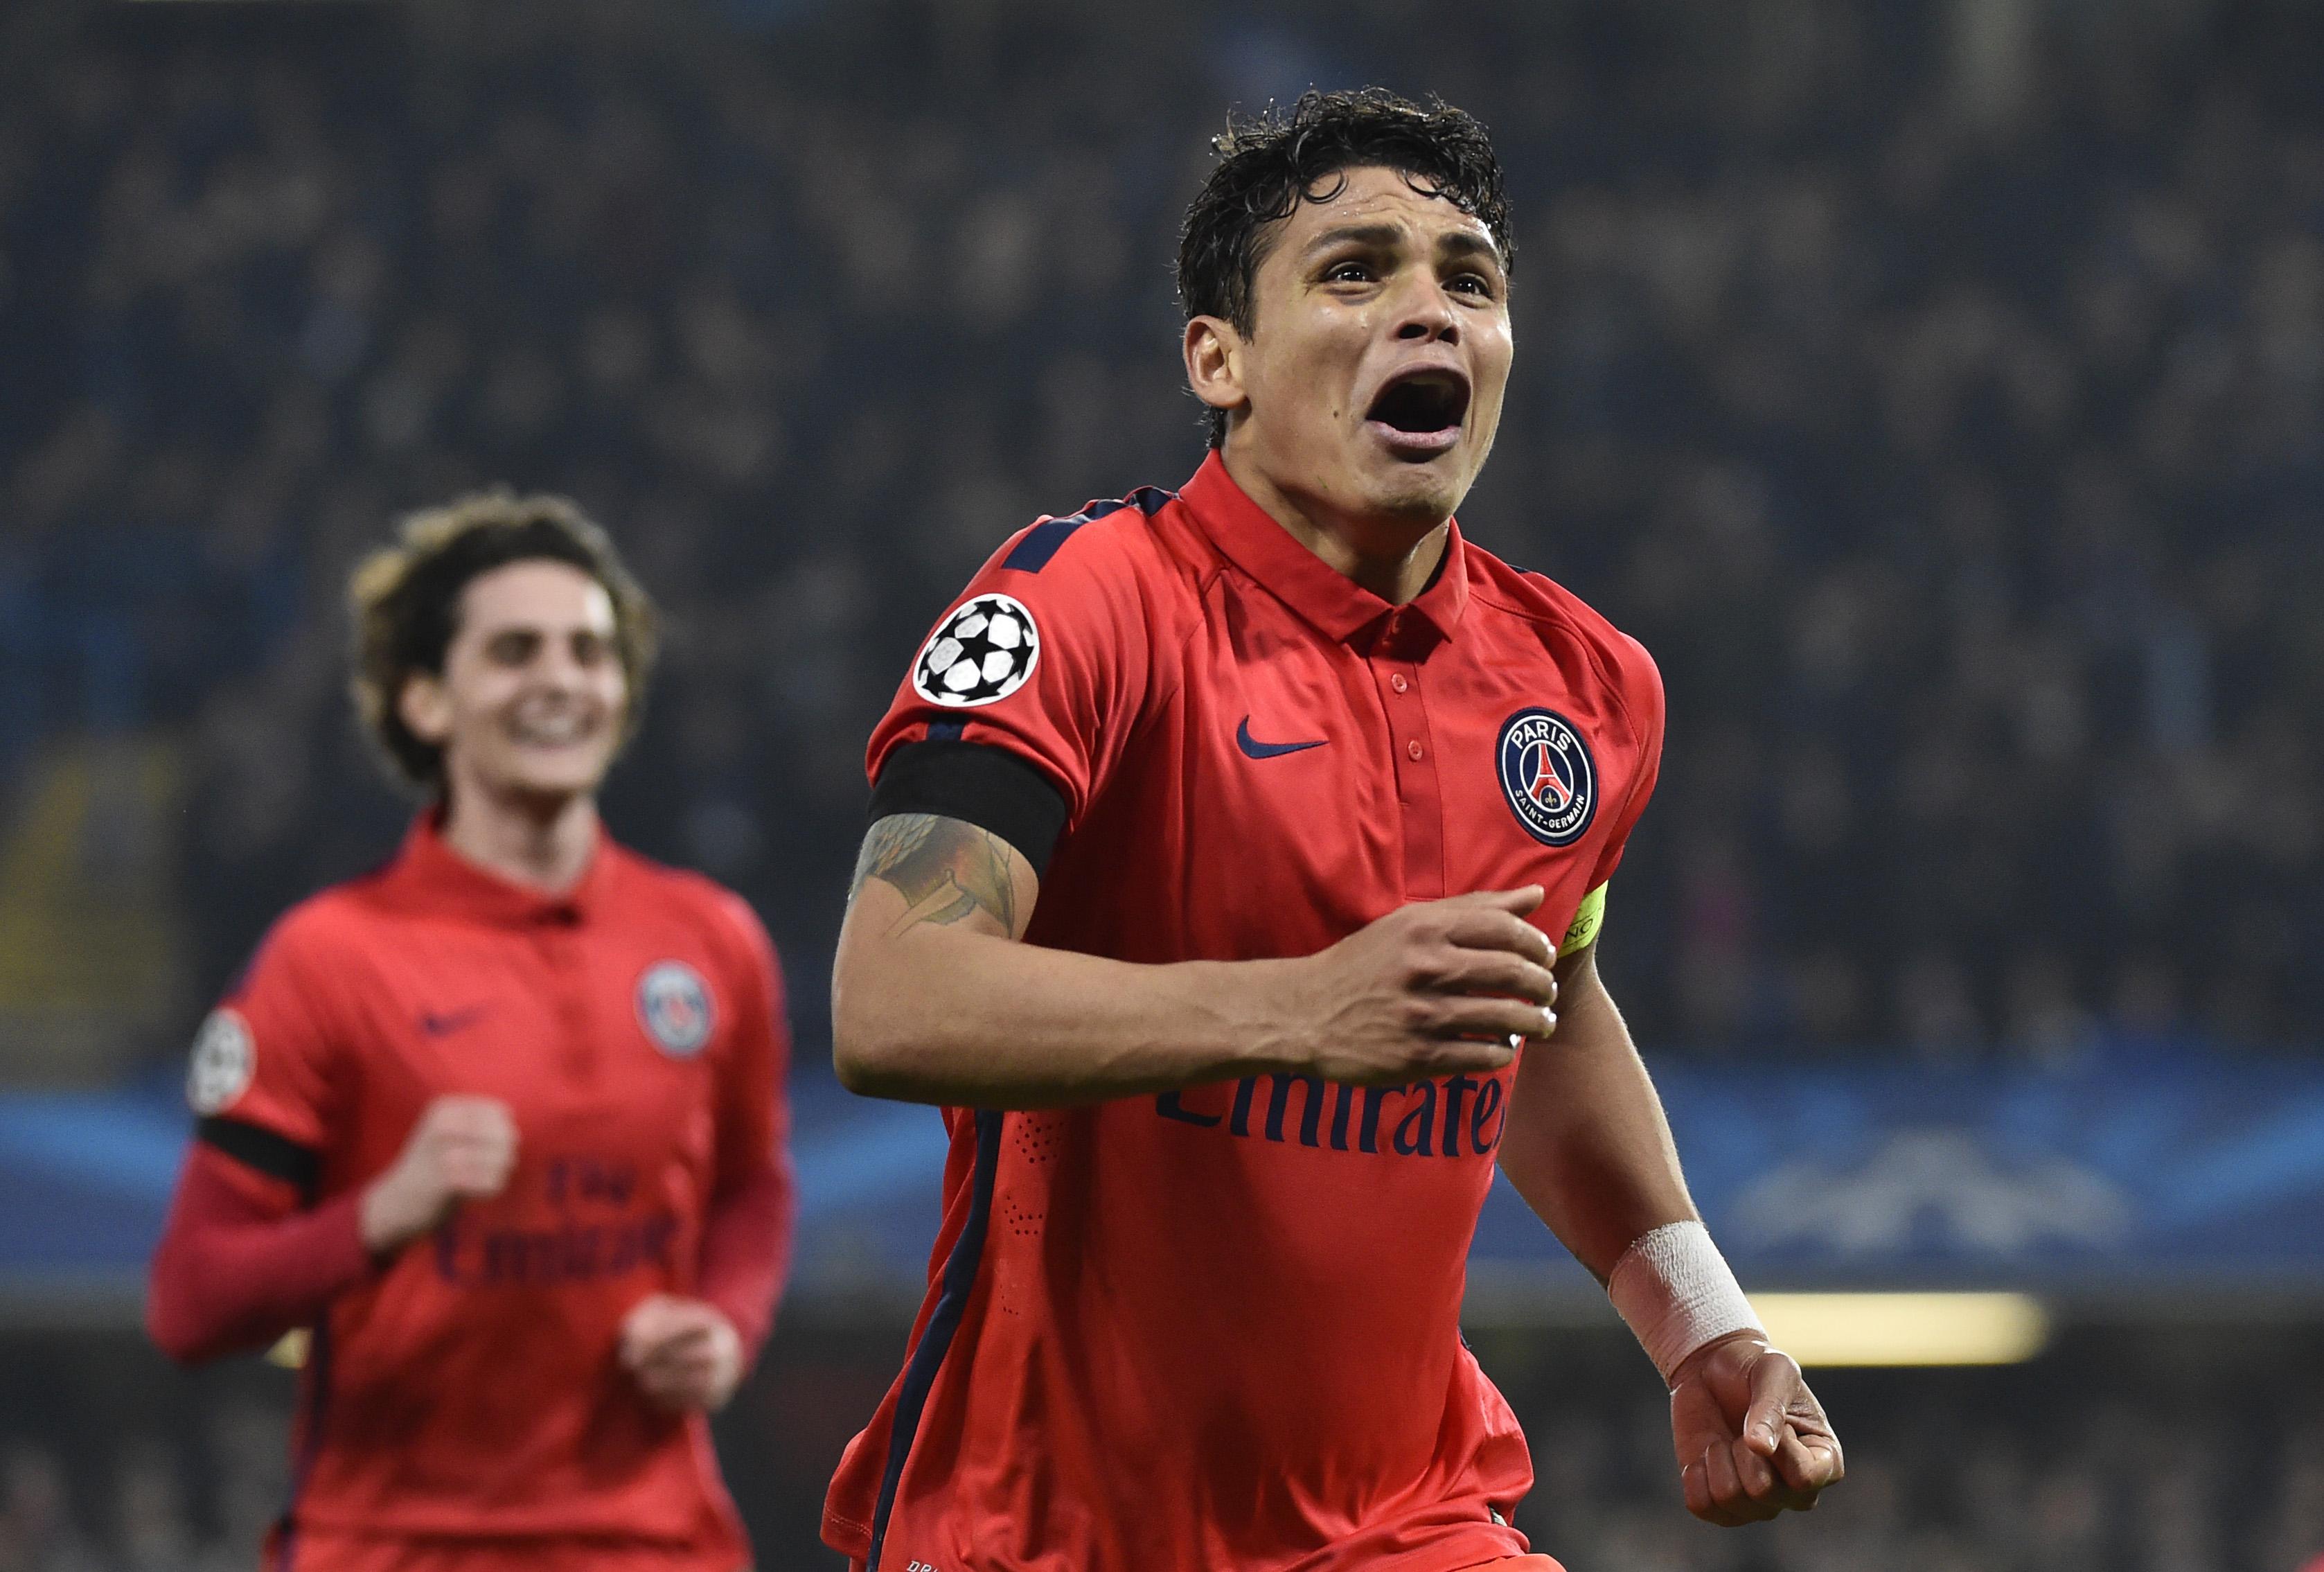 Football - Ligue des champions - Paris-Dortmund : revivez les plus belles remontadas de l'histoire du PSG